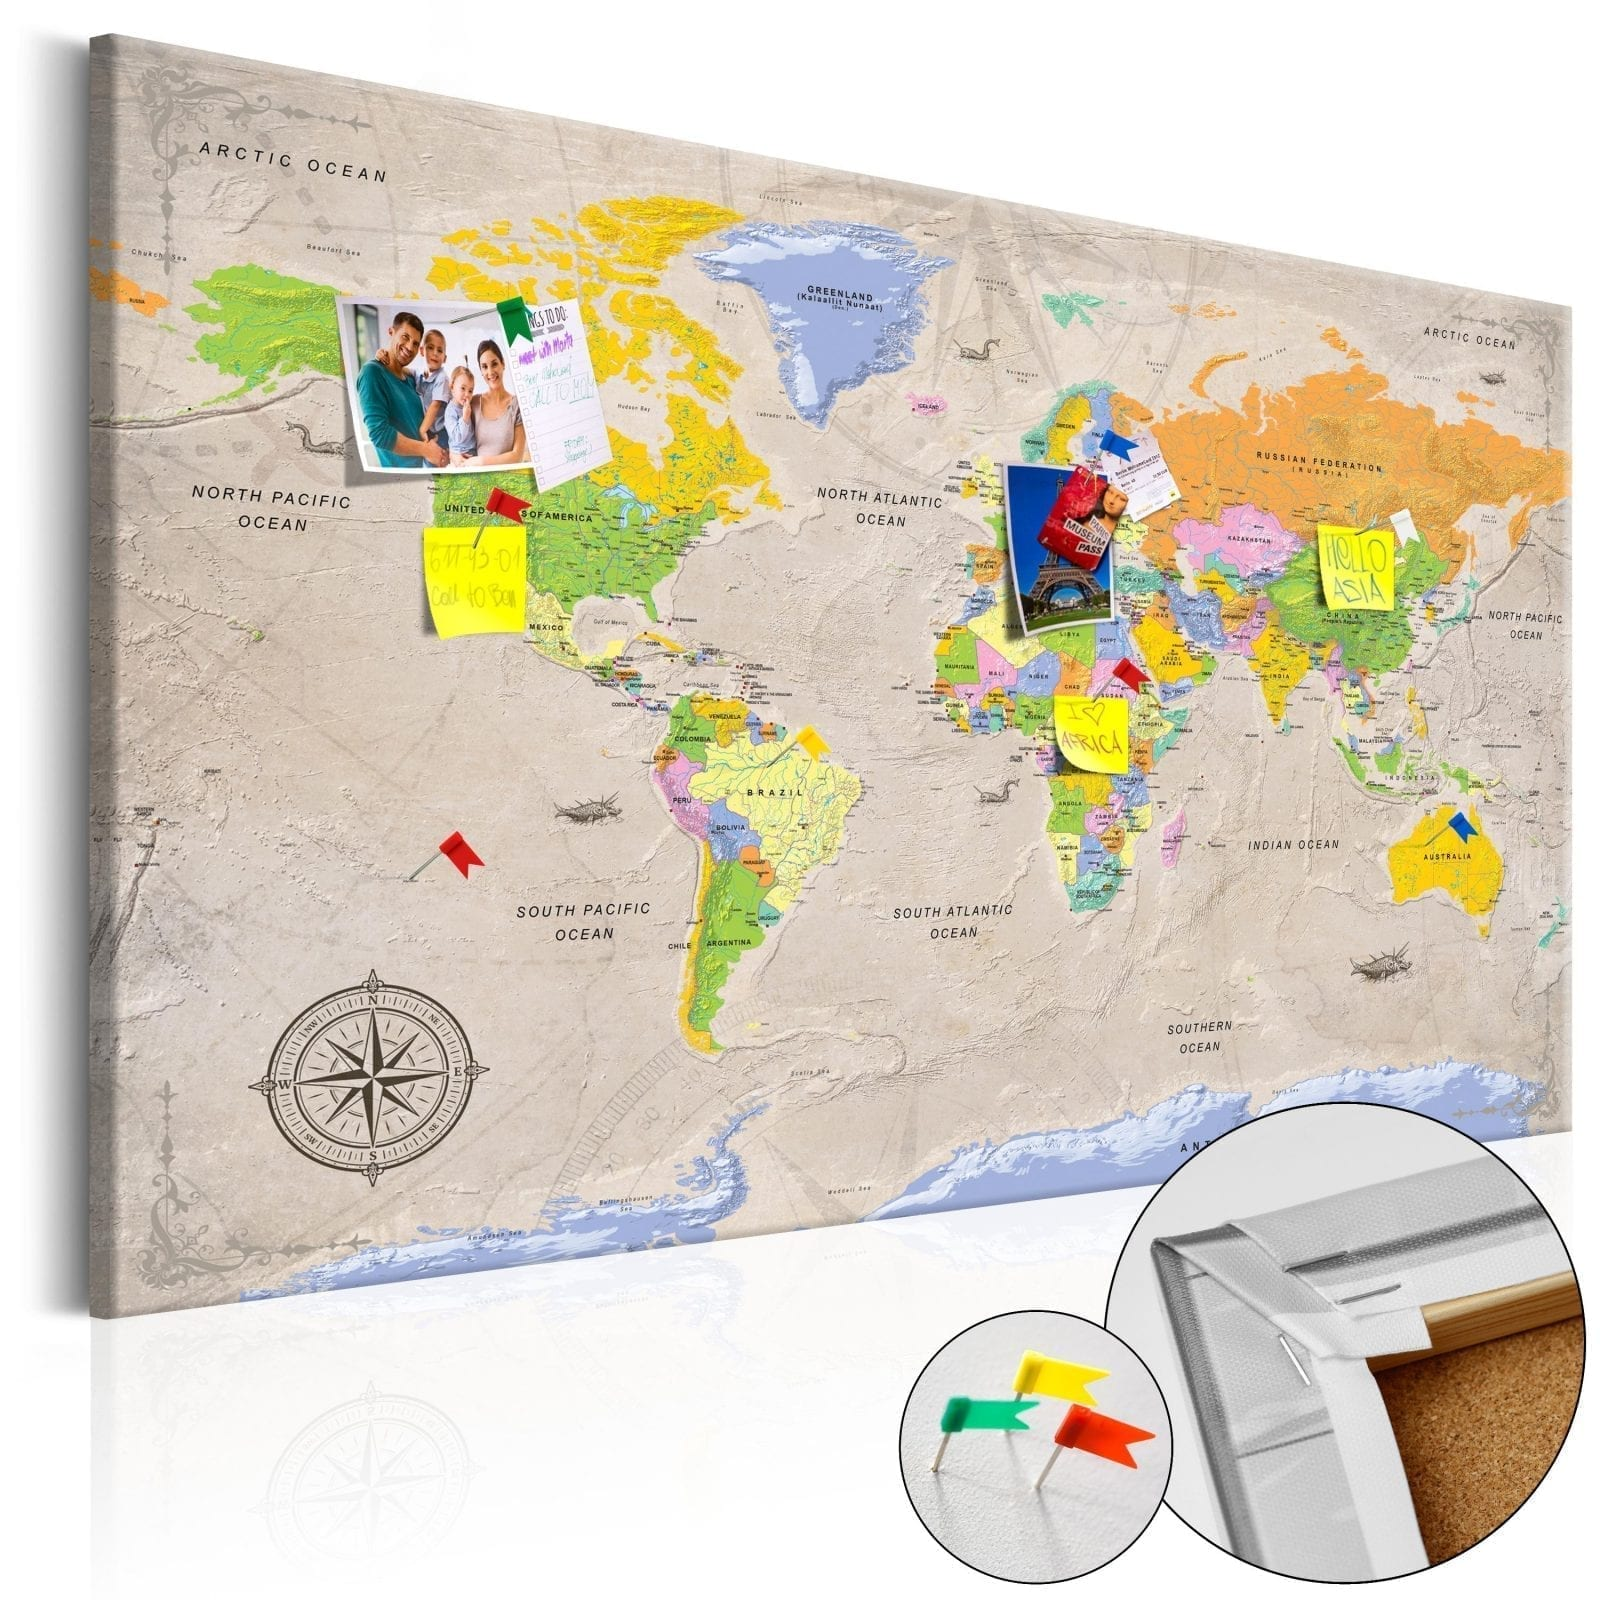 Tablero de corcho - Maps: Vintage Style 1   Potspintura.com